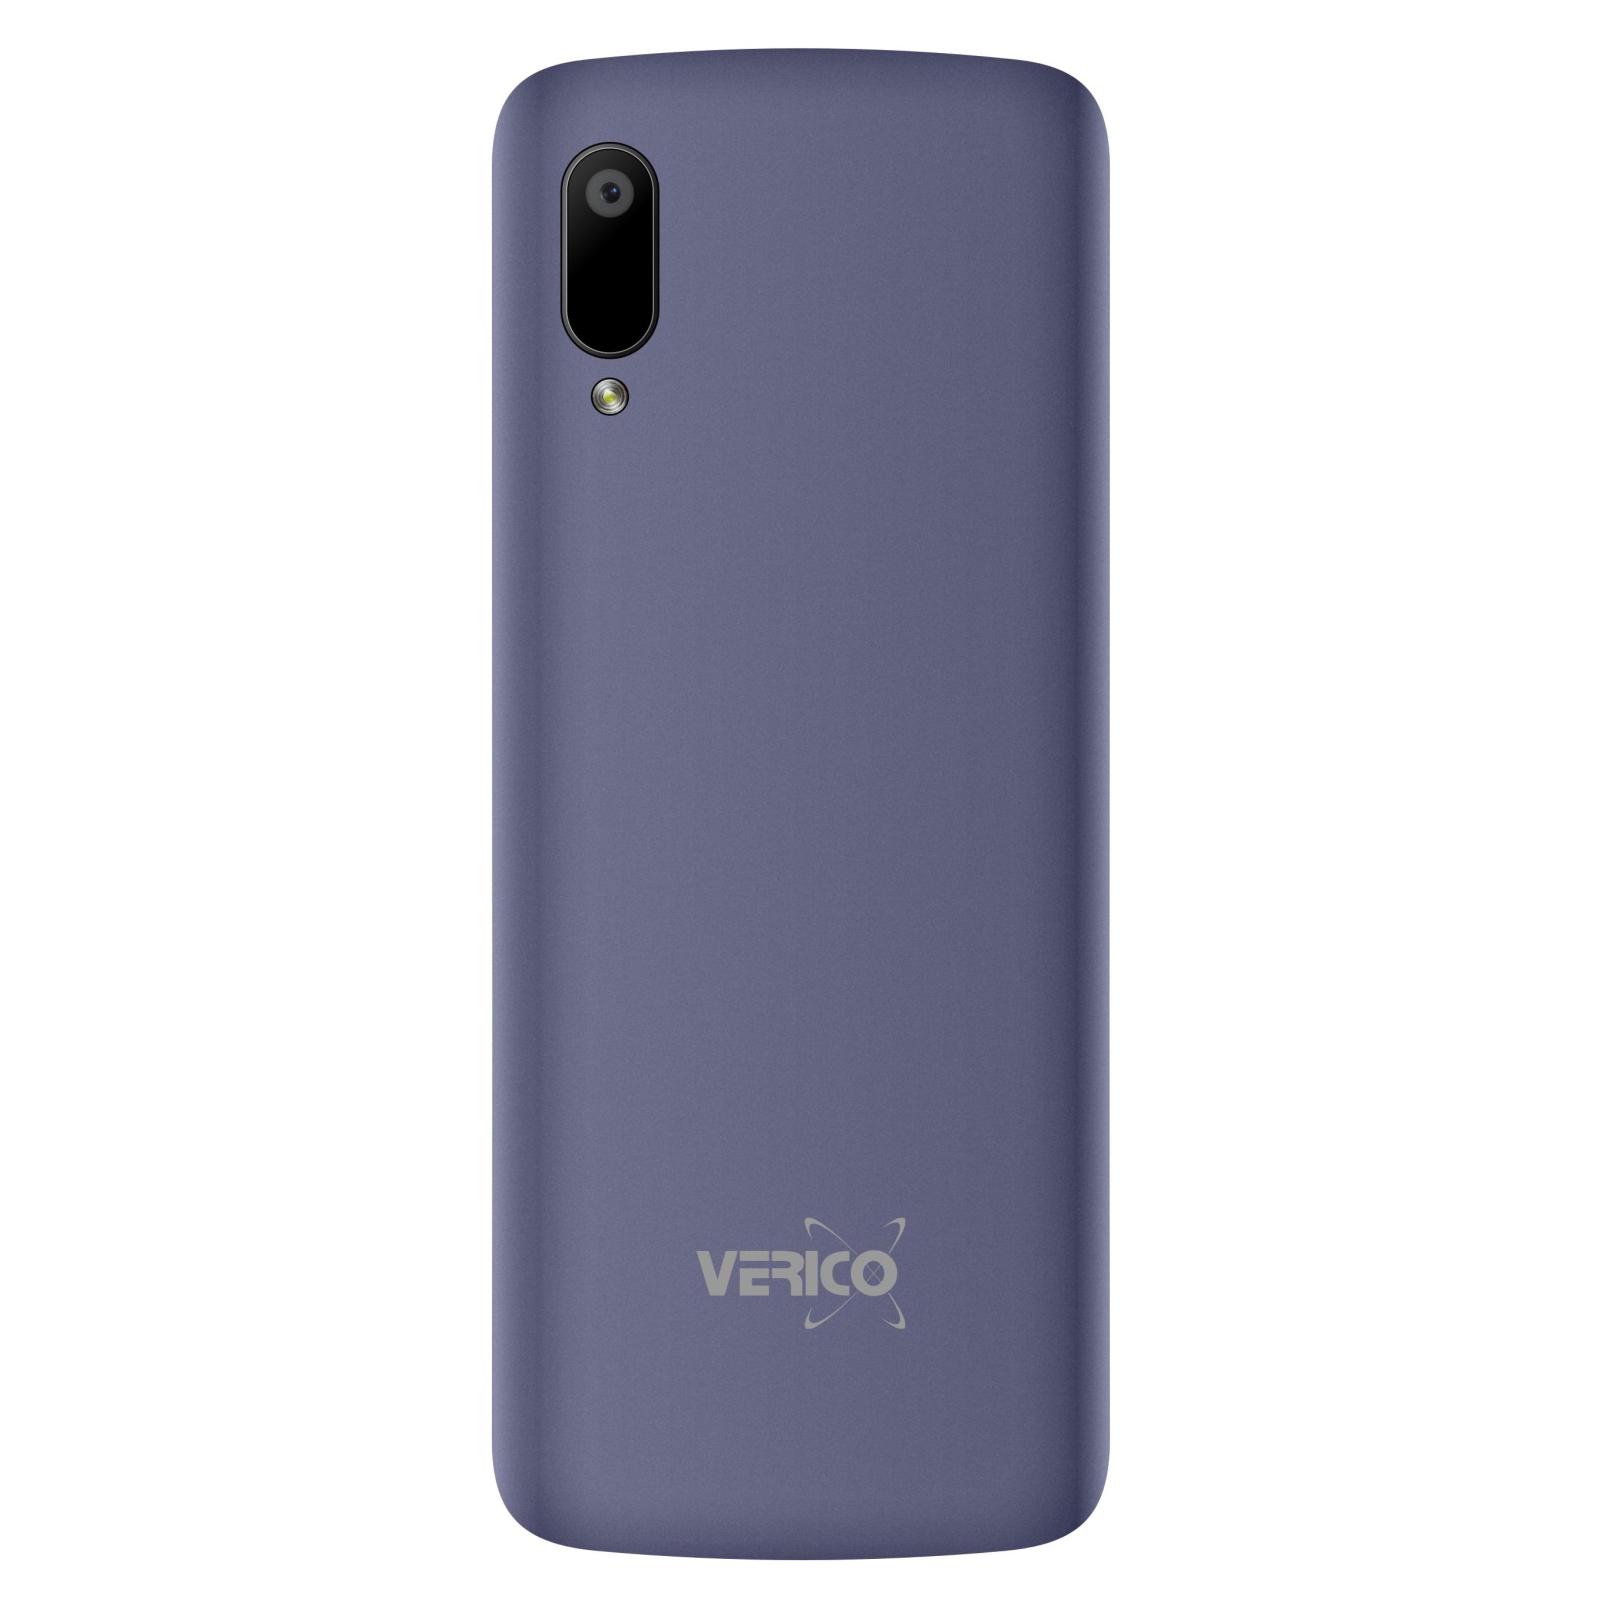 Мобильный телефон Verico Style S283 Blue (4713095606908) изображение 2